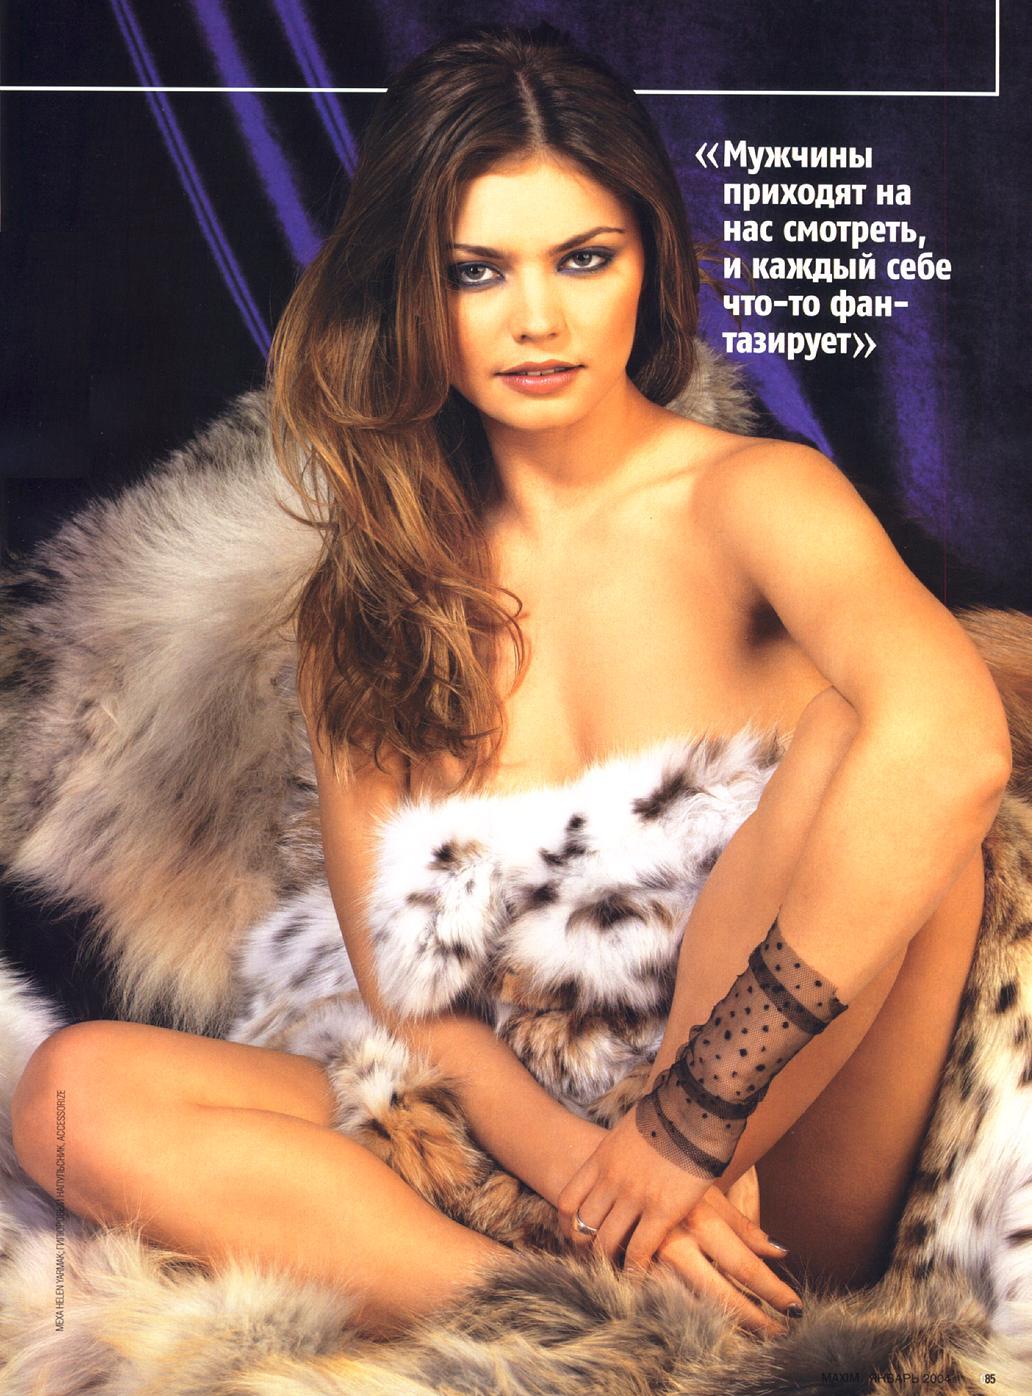 Русская девочка алина секс 4 фотография